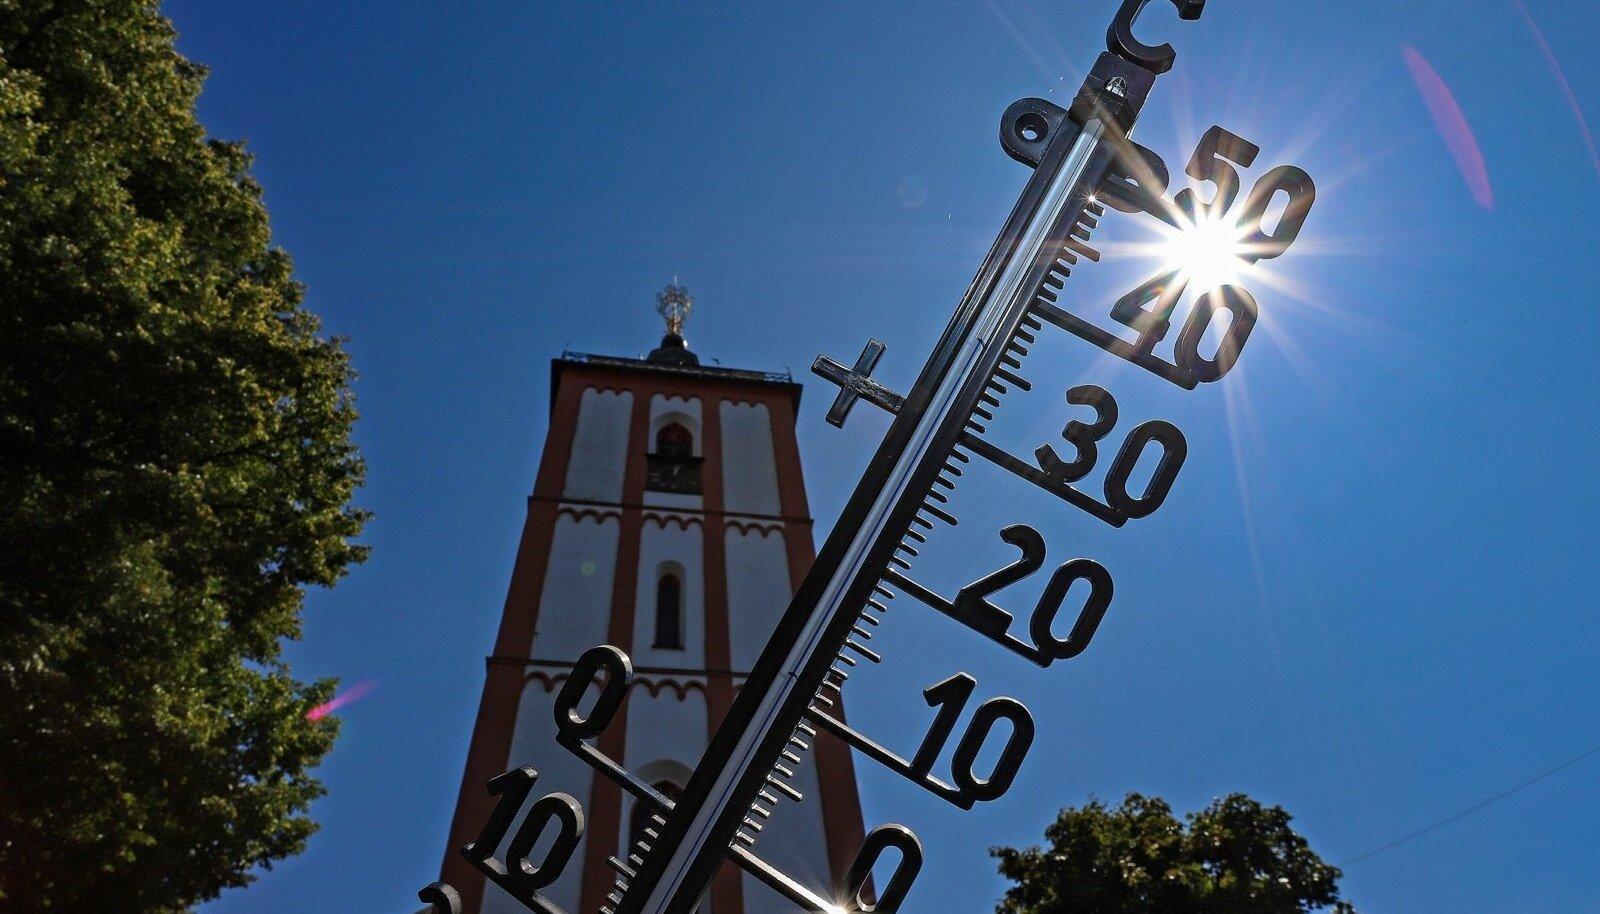 Termomeeter näitab mitmel pool üle 30 kraadi sooja